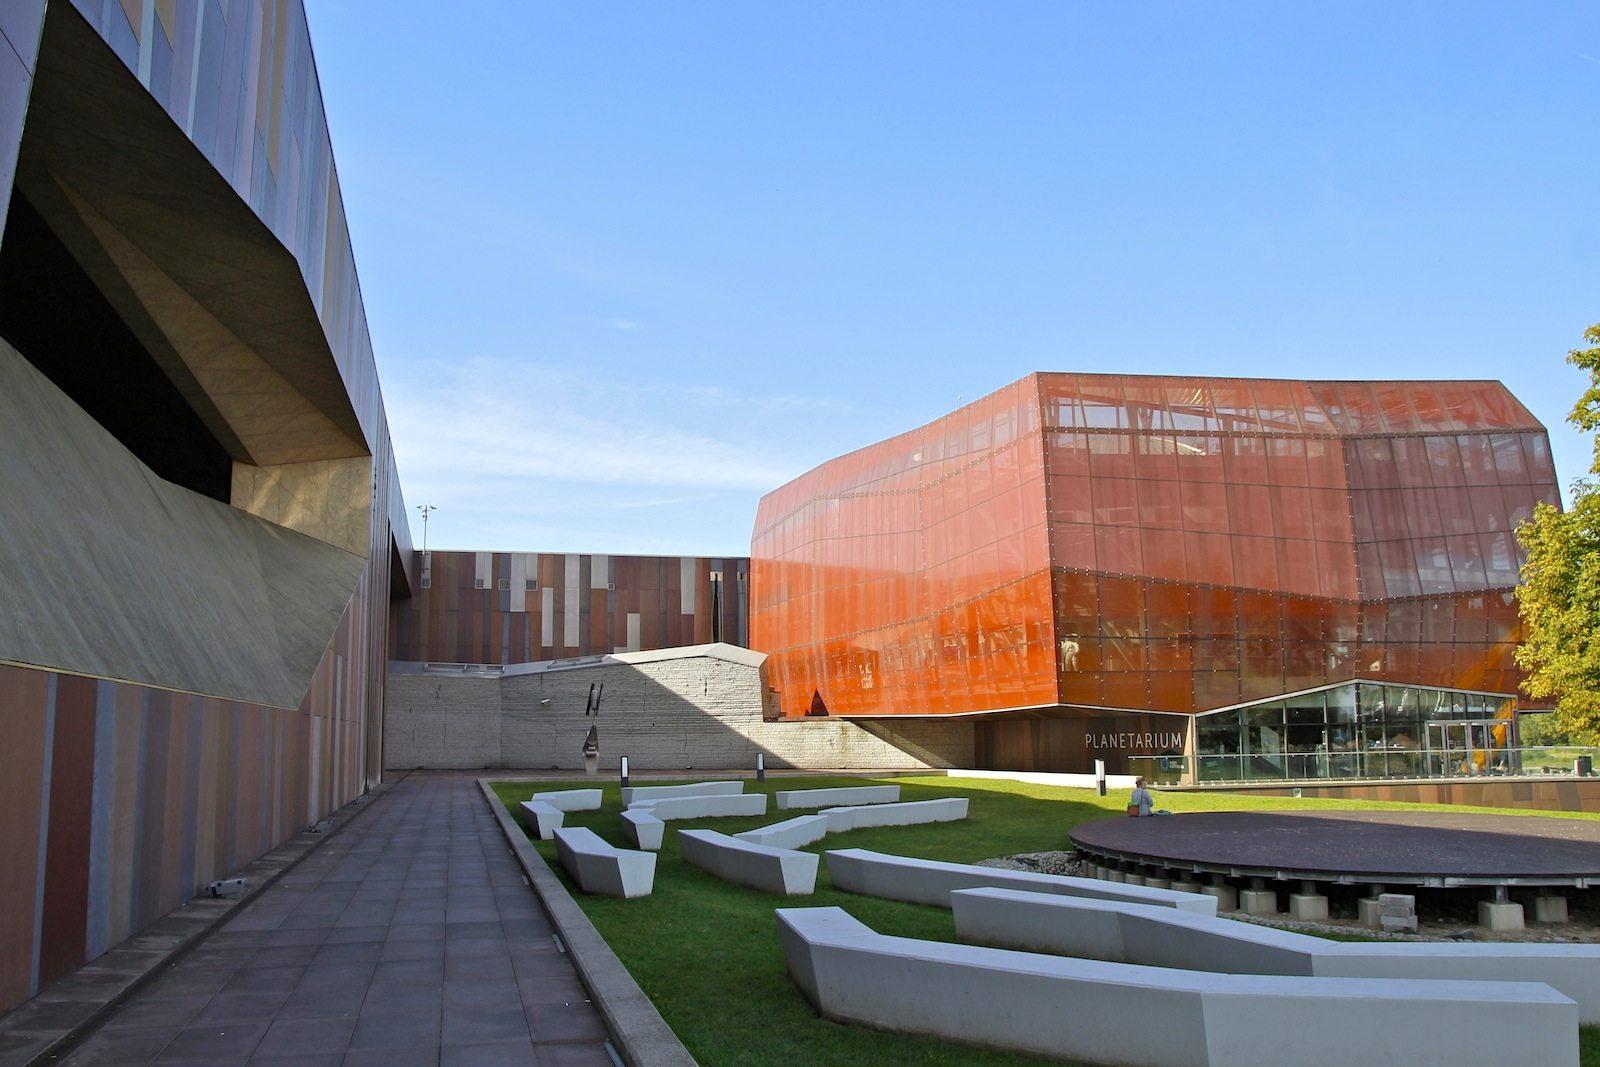 . Das Centrum Nauki Kopernik bietet seit 2010 mit modernster Museumsdidaktik einen interaktiven Zugang zu den Naturwissenschaften. Der ambitionierte Bau des polnischen Architekten Jan Kubec kostete siebzig Millionen Euro, zu zwei Dritteln finanziert aus EU-Töpfen.